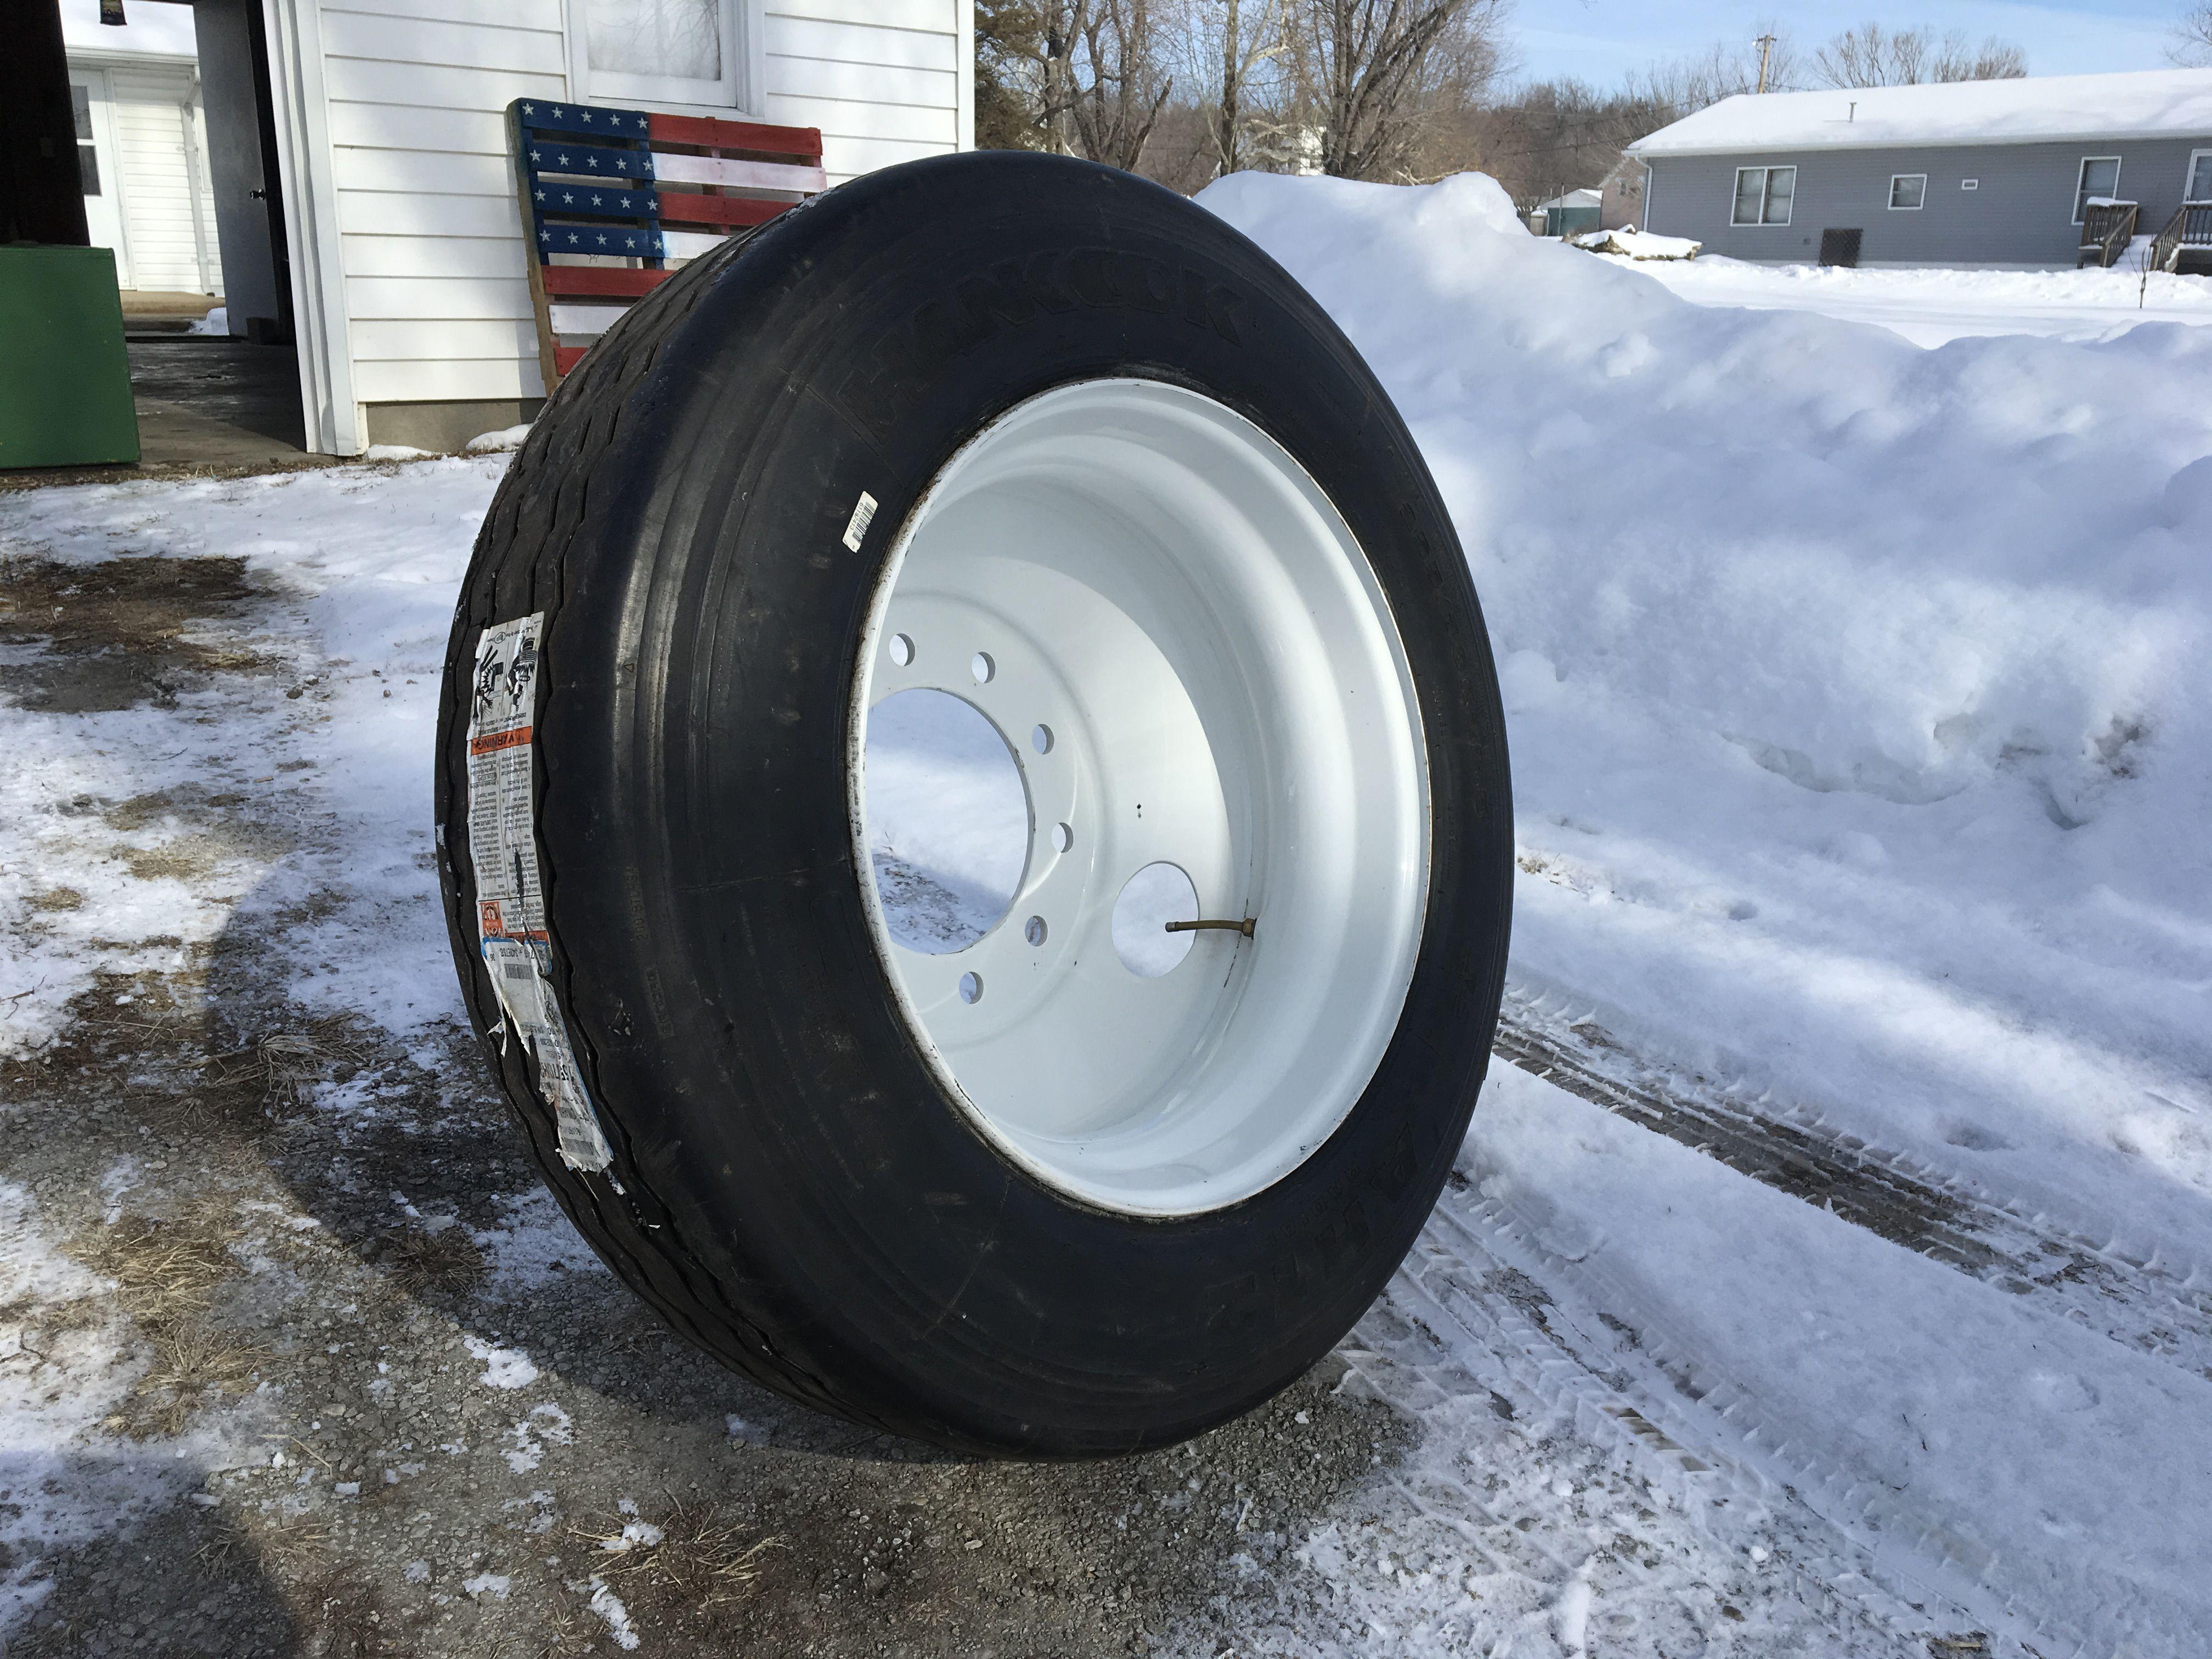 Semi truck tire image 1